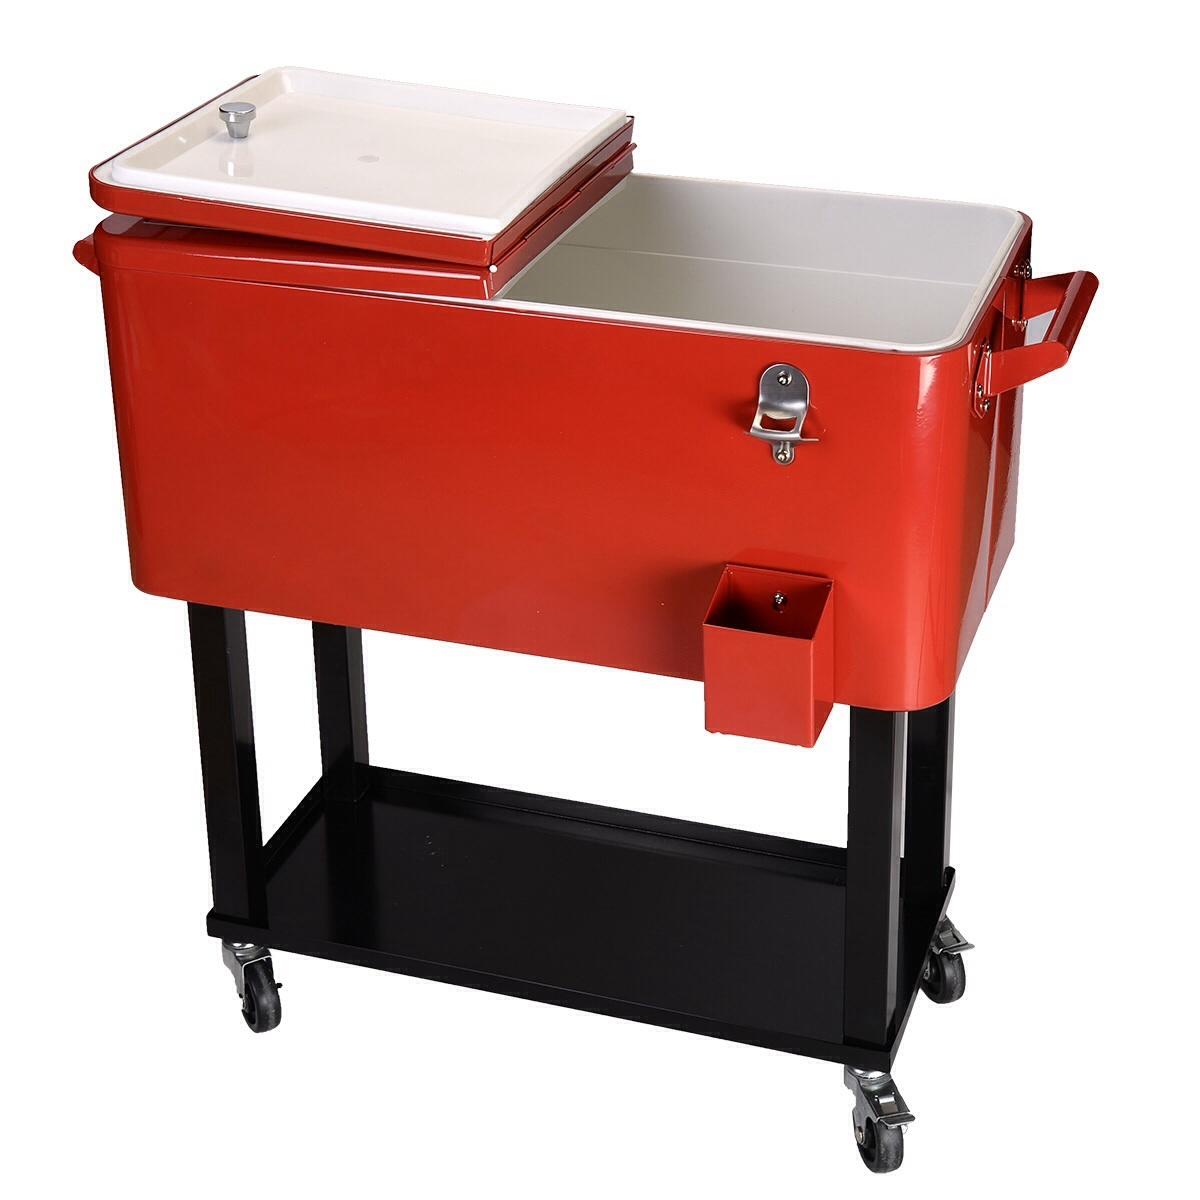 80-Quart Cooler Beer Cart Outdoor Entertaining Rolling Party Steel Bar Bistro